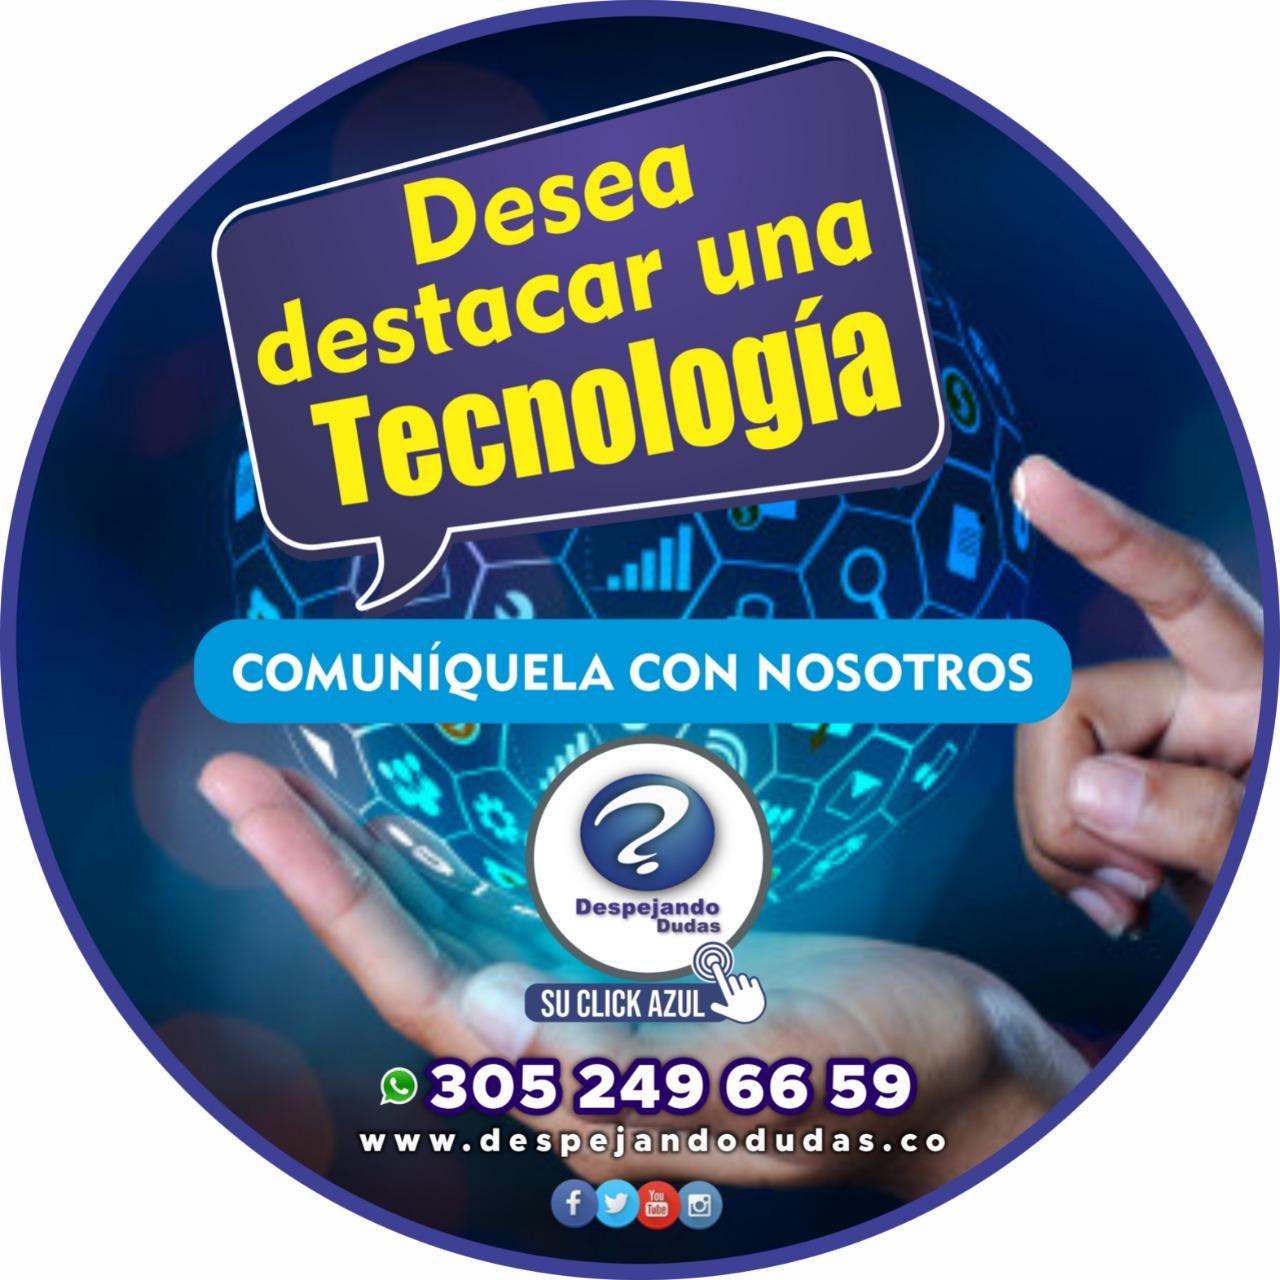 Destaque y comunique su tecnología e innovación con nosotros